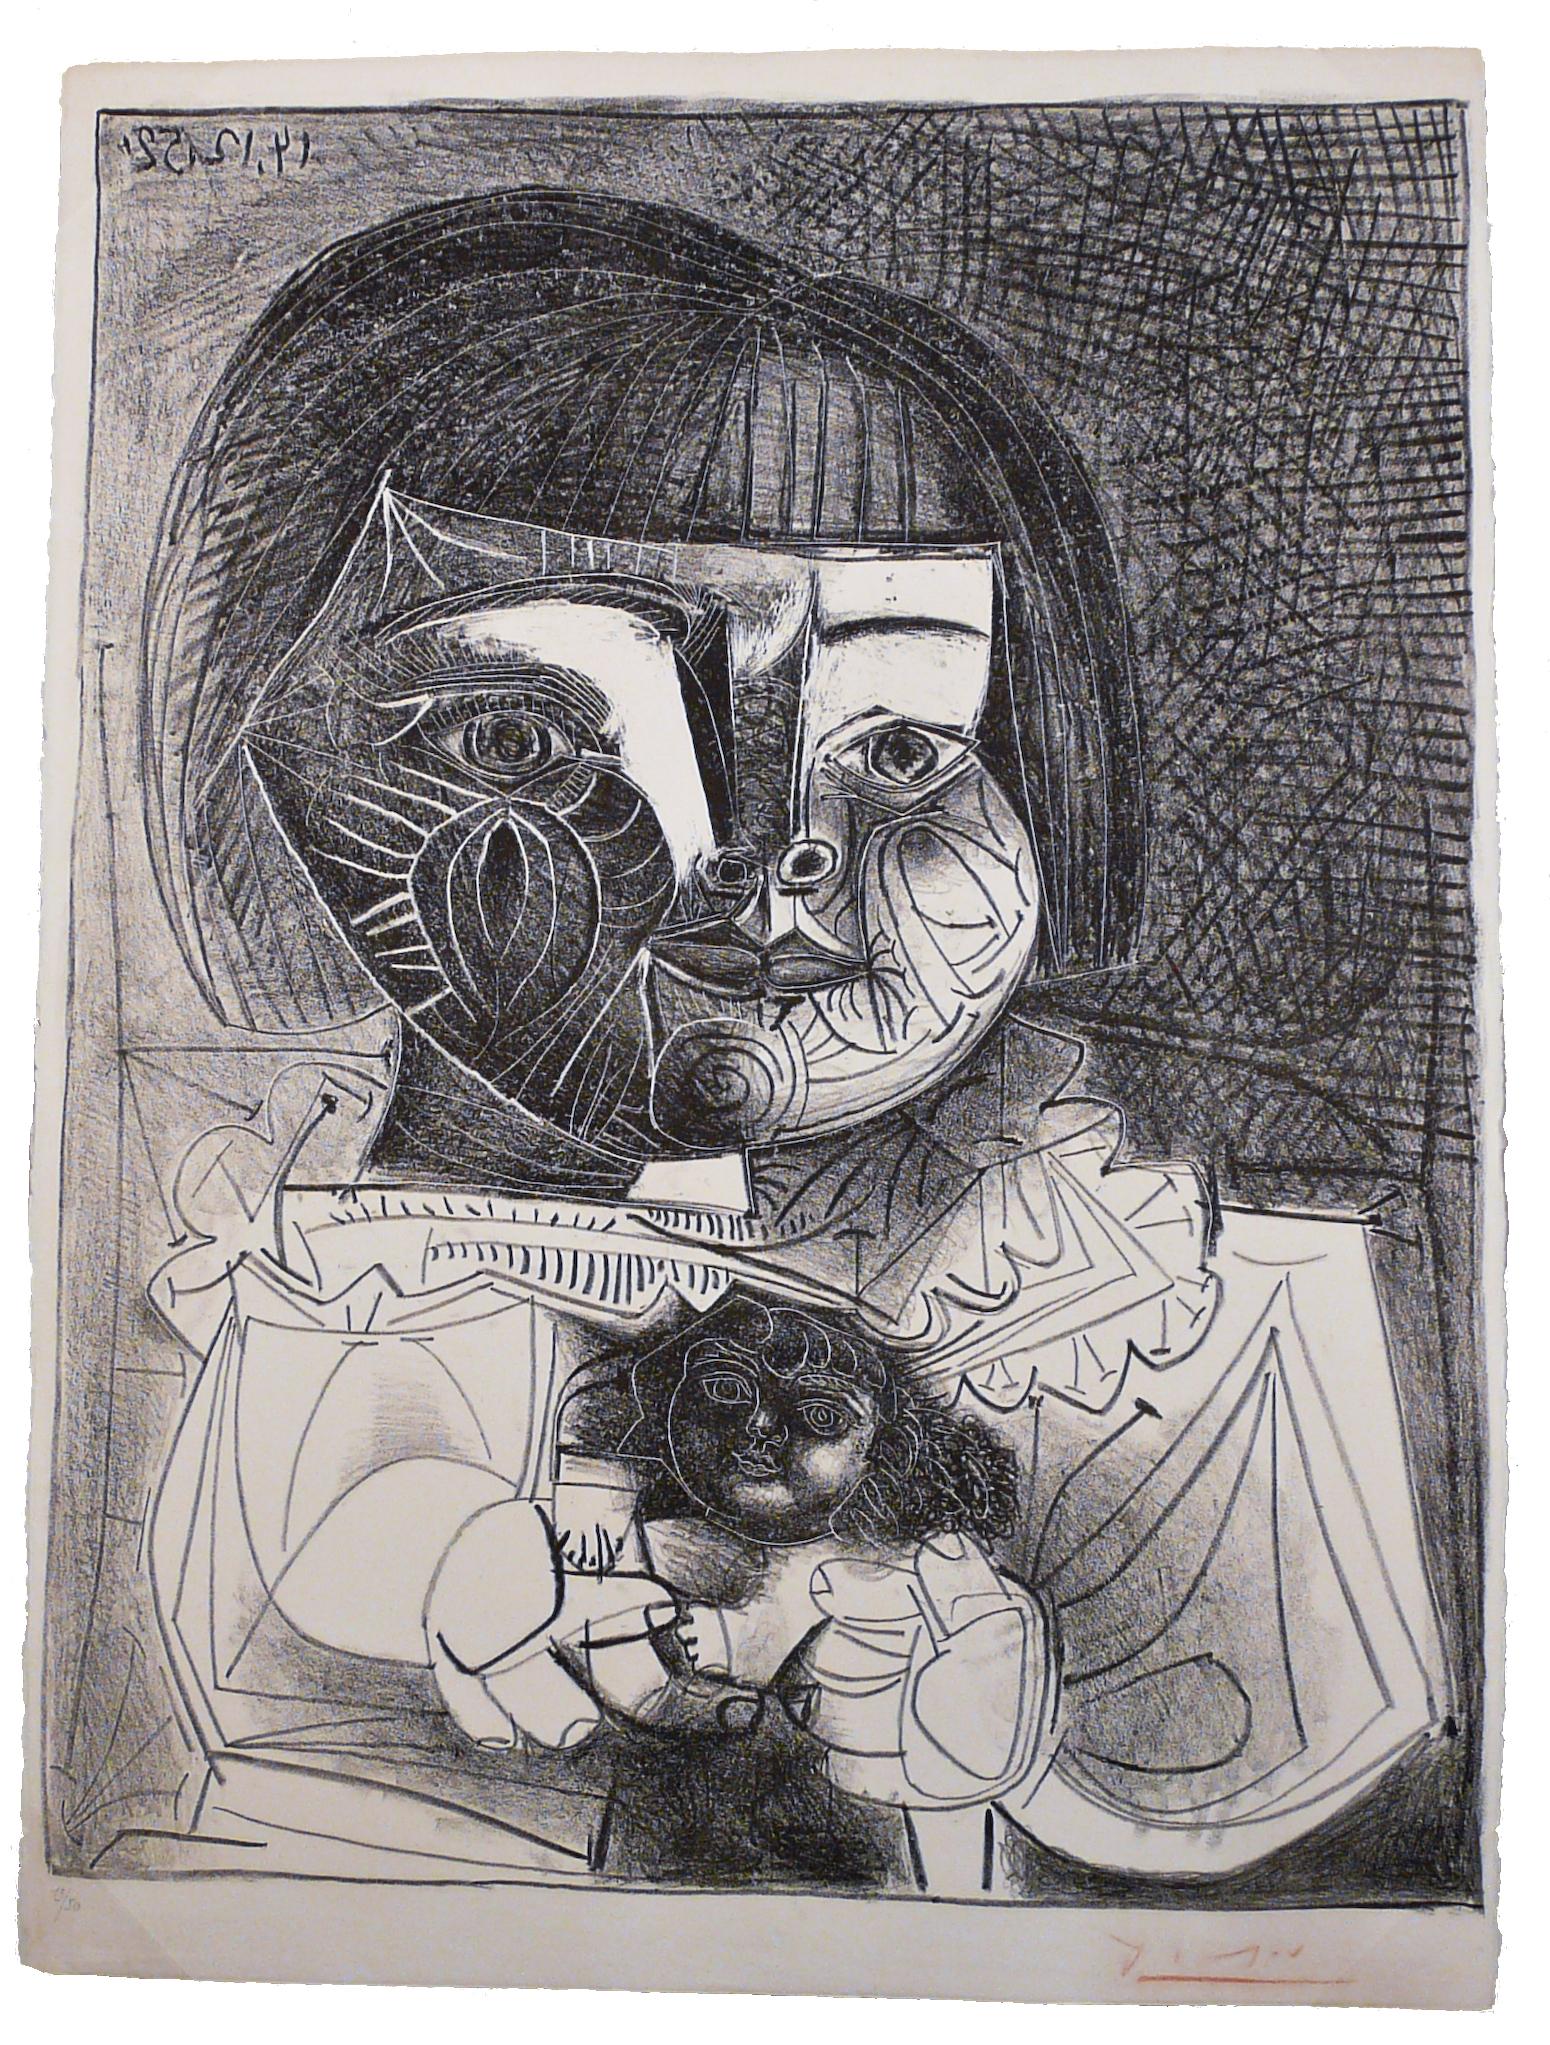 Paloma Et Sa Poupée Sur Fond Noir by Pablo Picasso